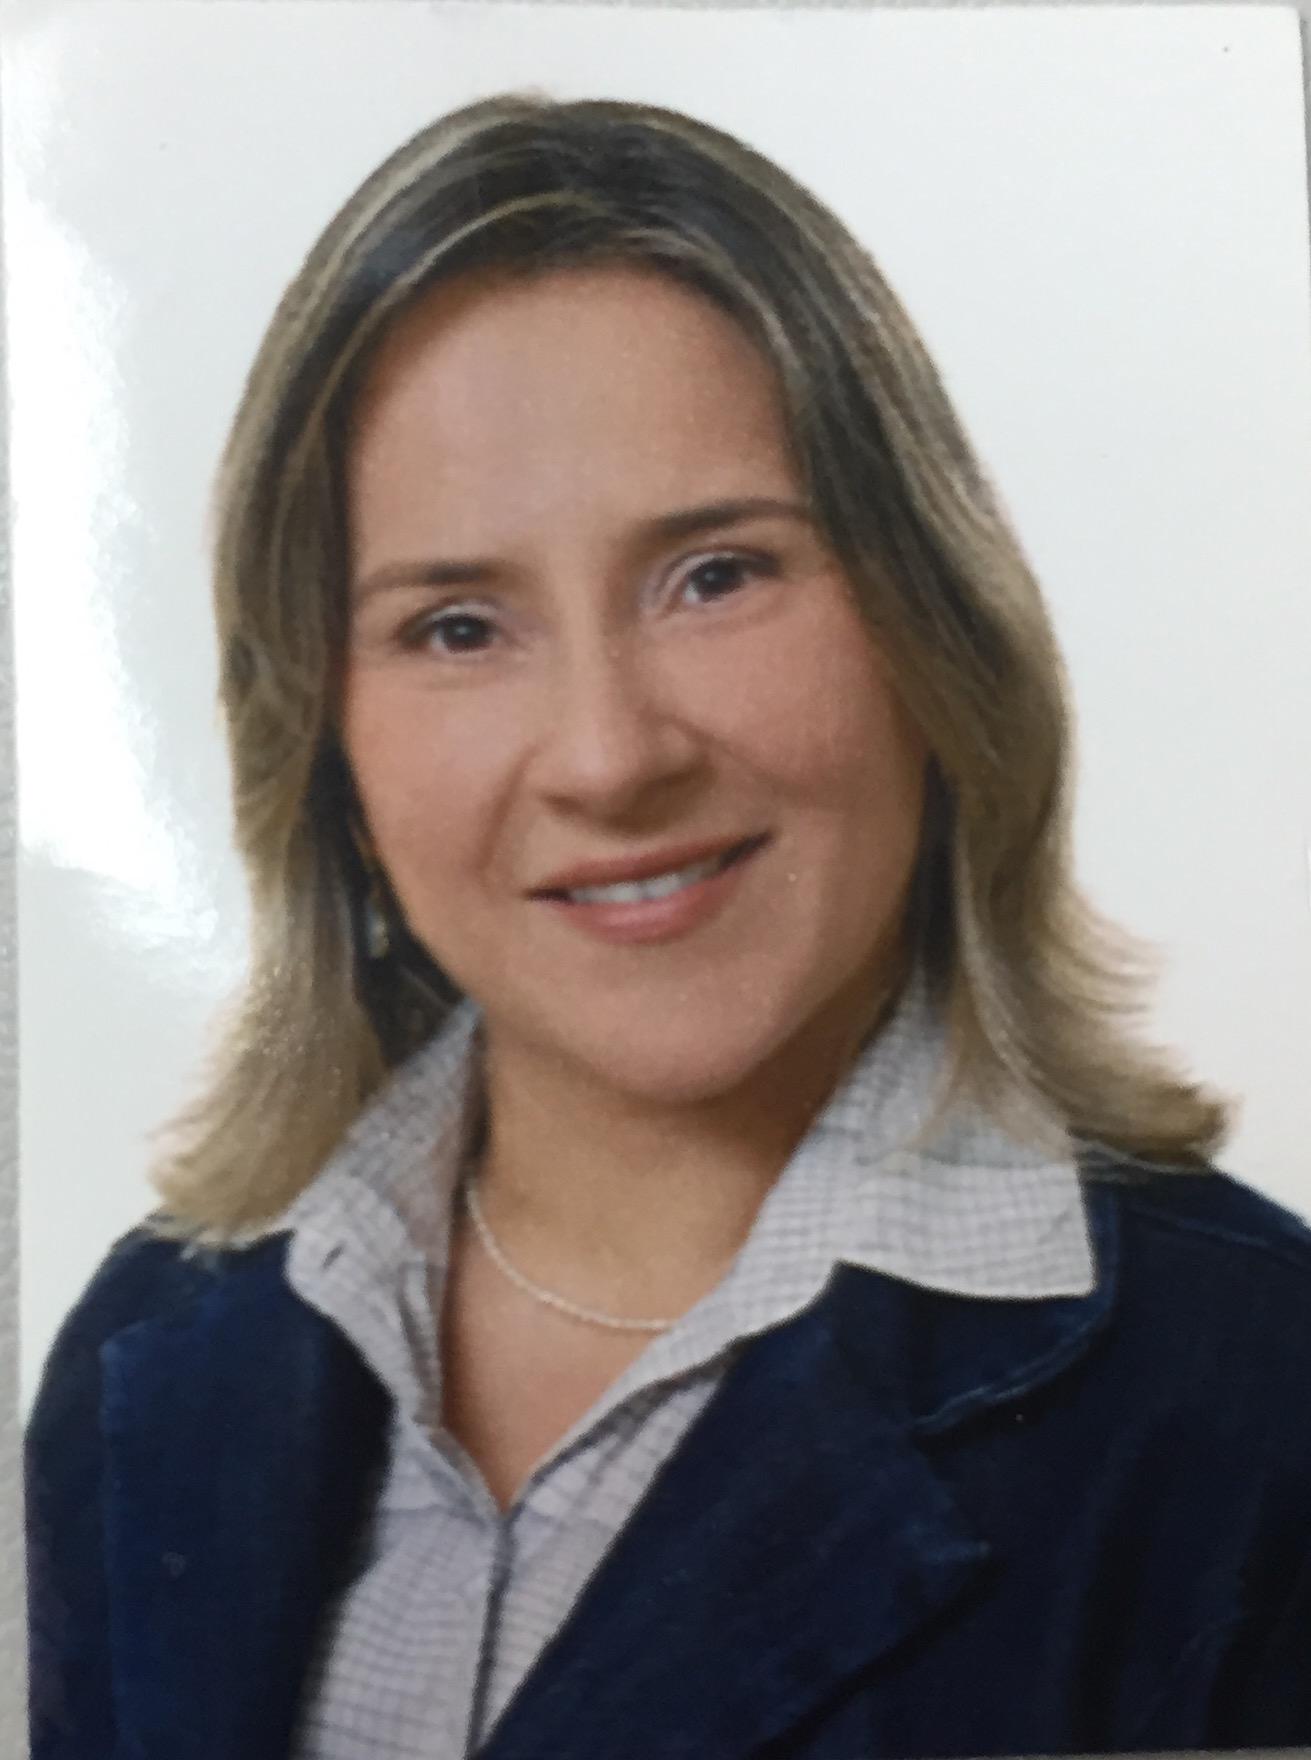 VANESSA DE CASTRO VIANNA